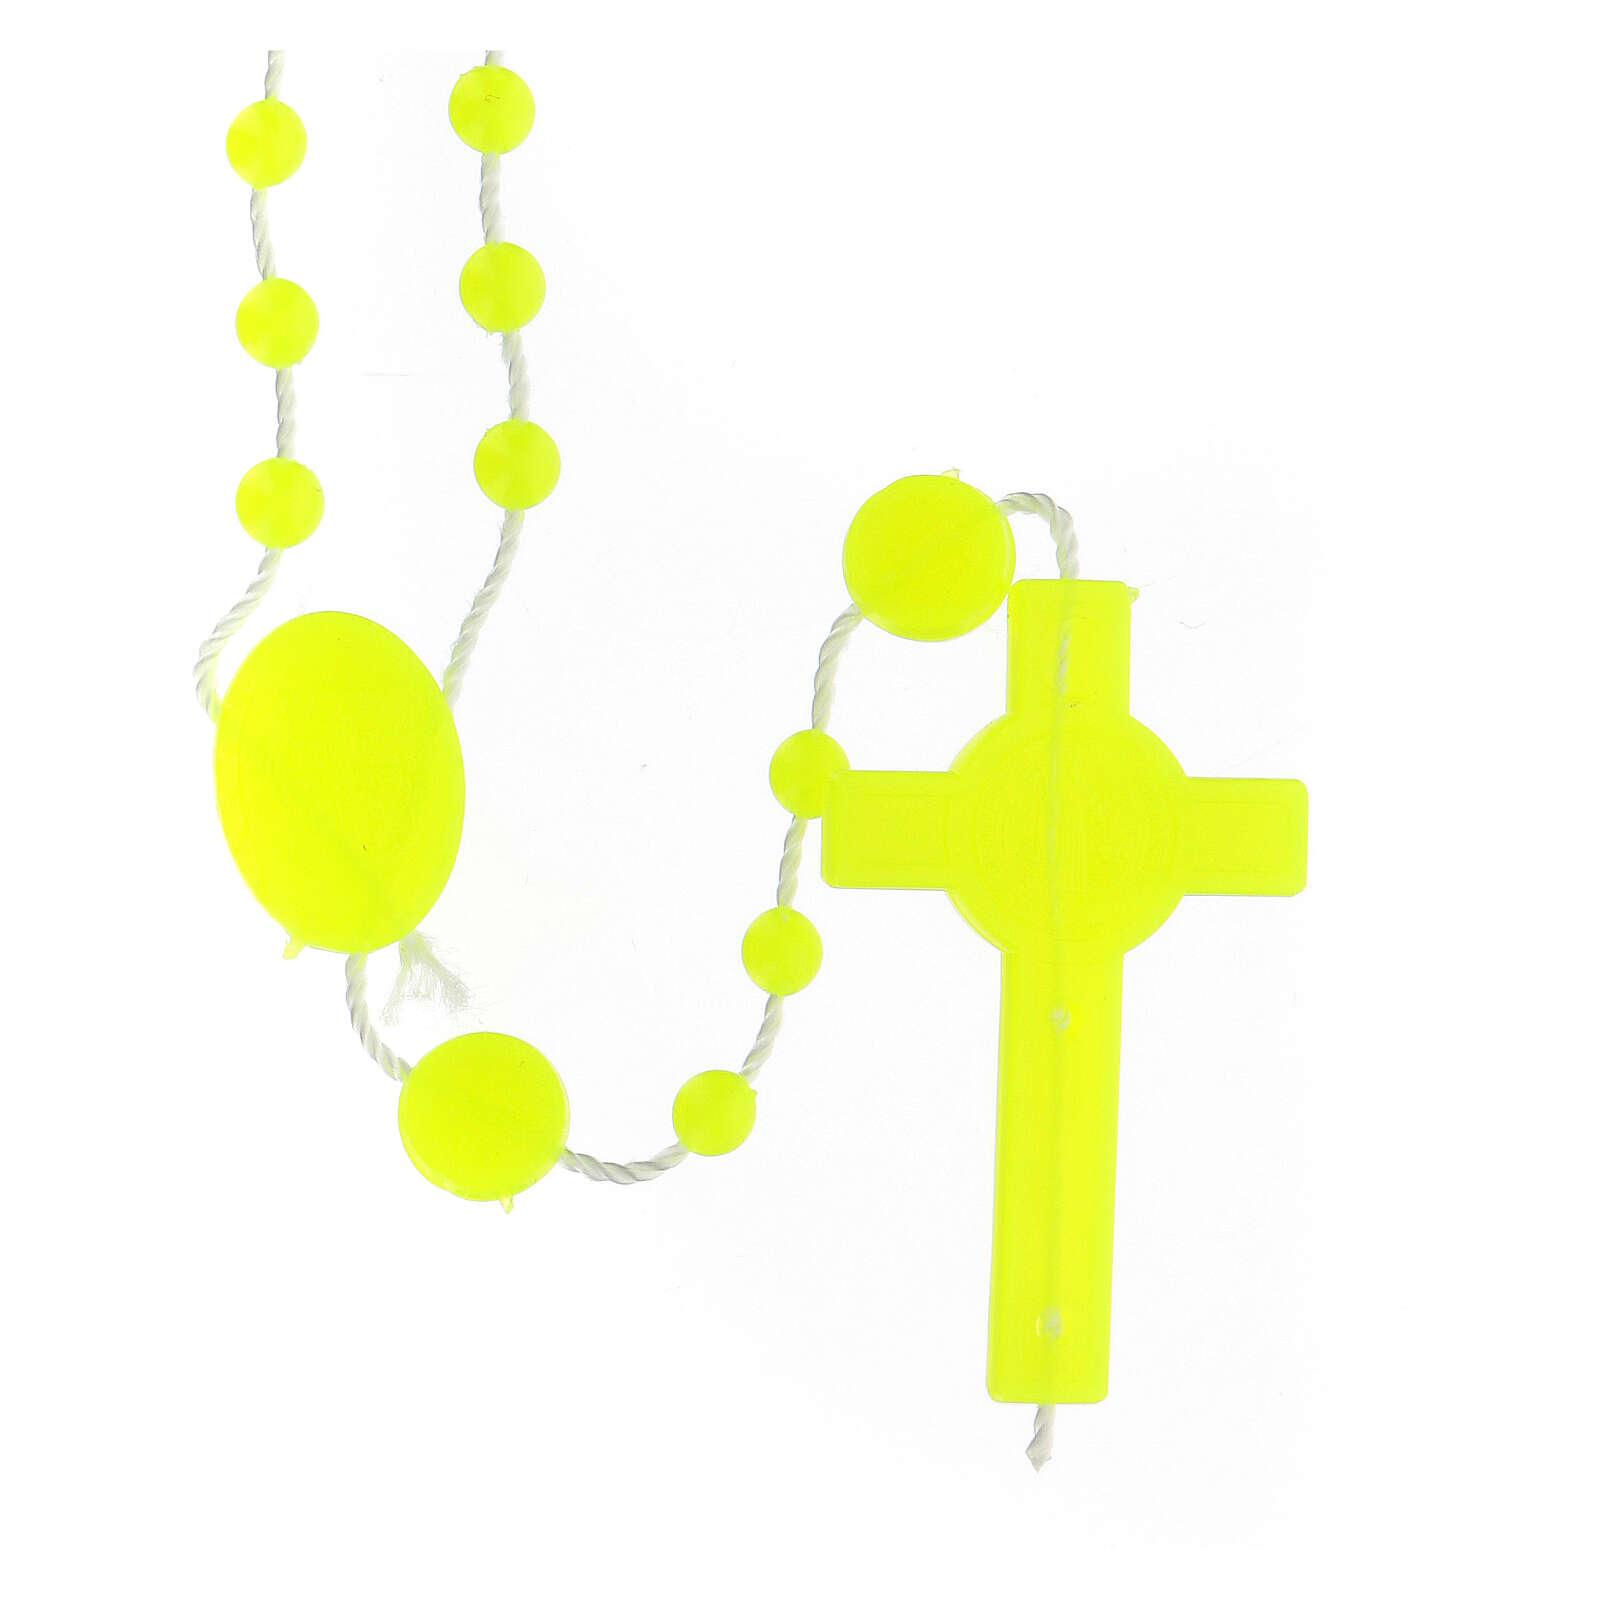 STOCK Rosario amarillo fluorescente S. Benito 4 mm nailon 4